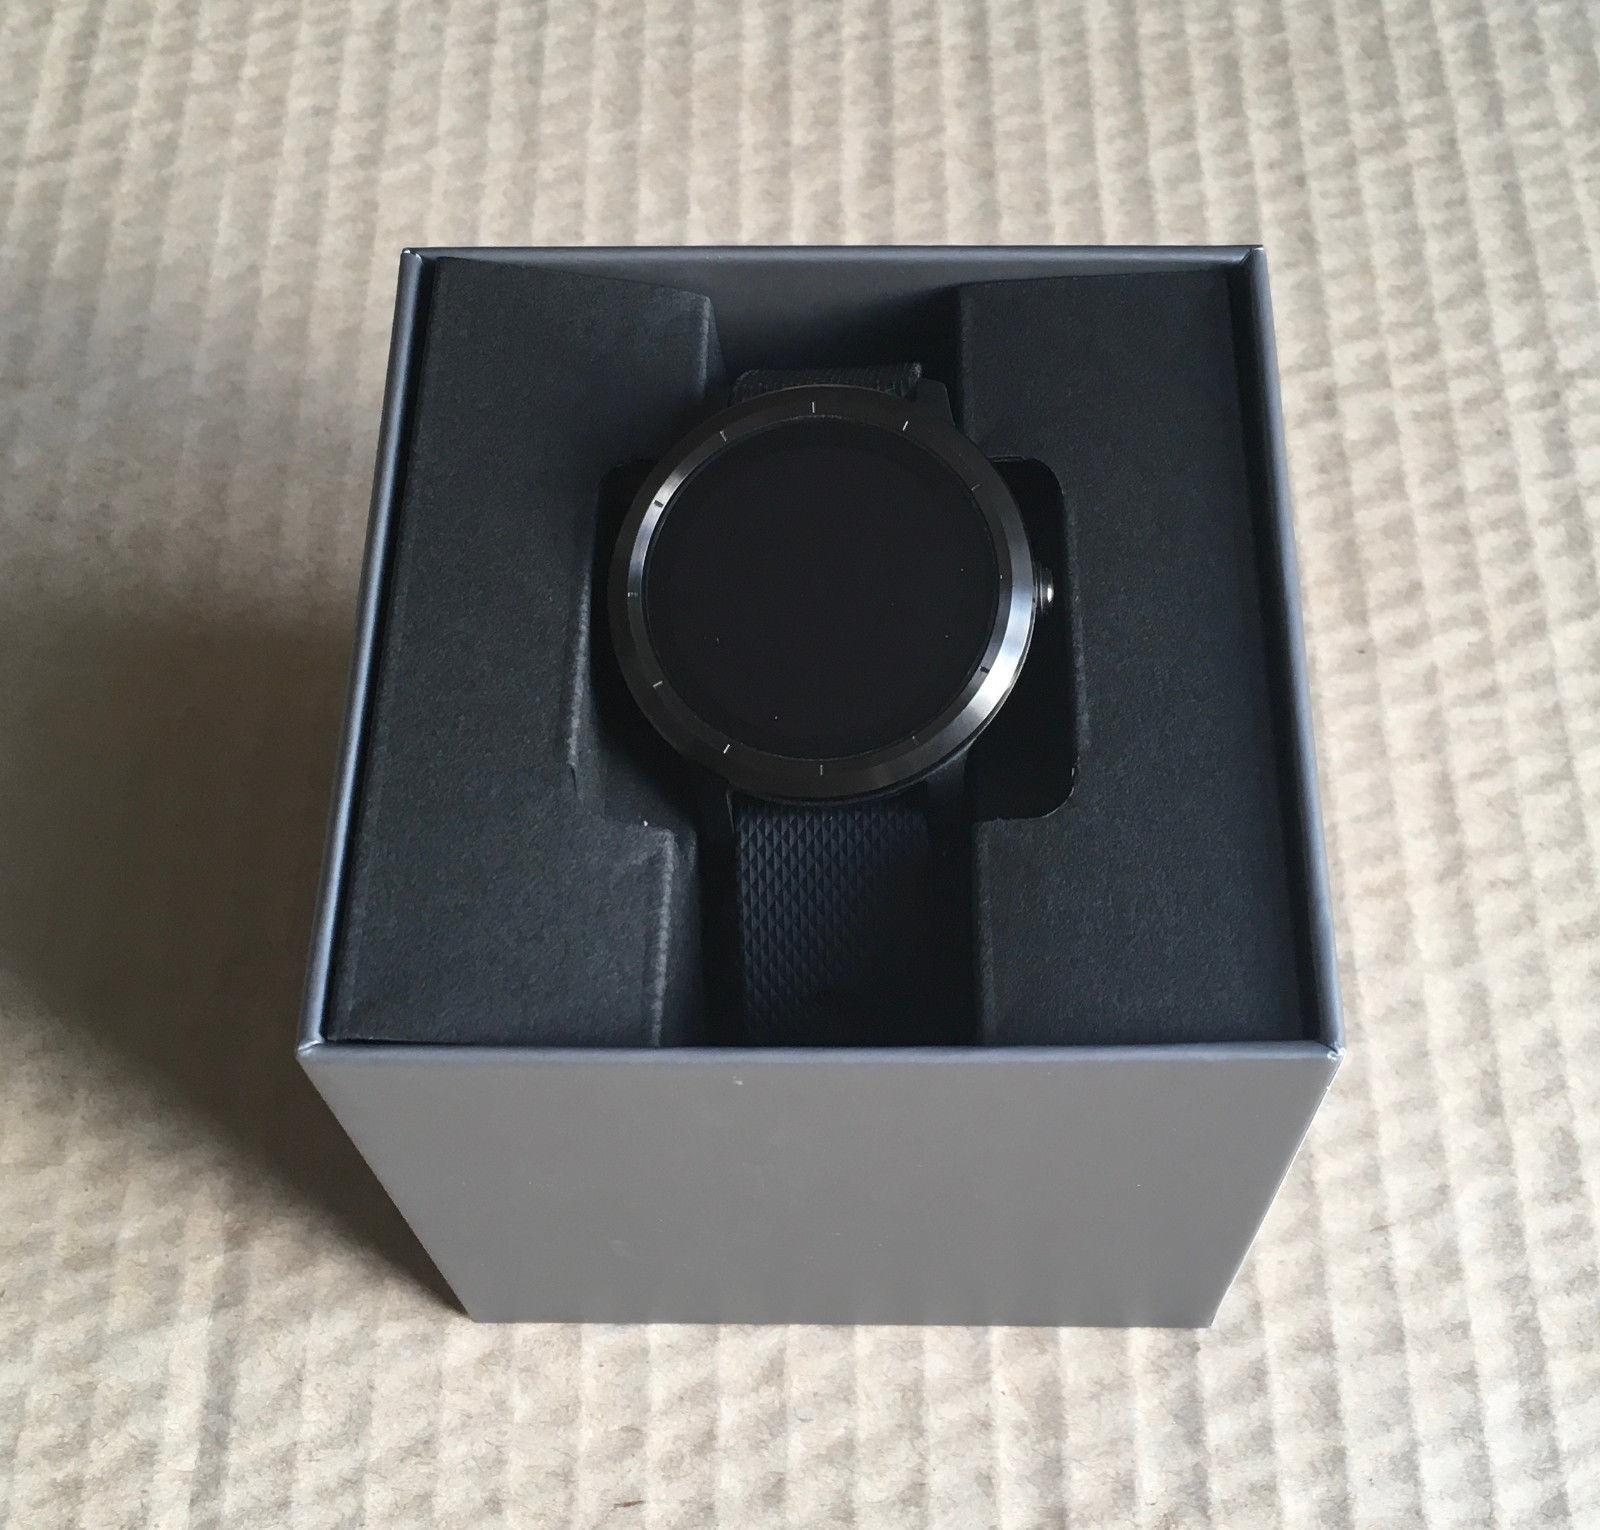 Garmin Vivoactive 3 Anthrazit/Schwarz GPS-Watch Gebraucht